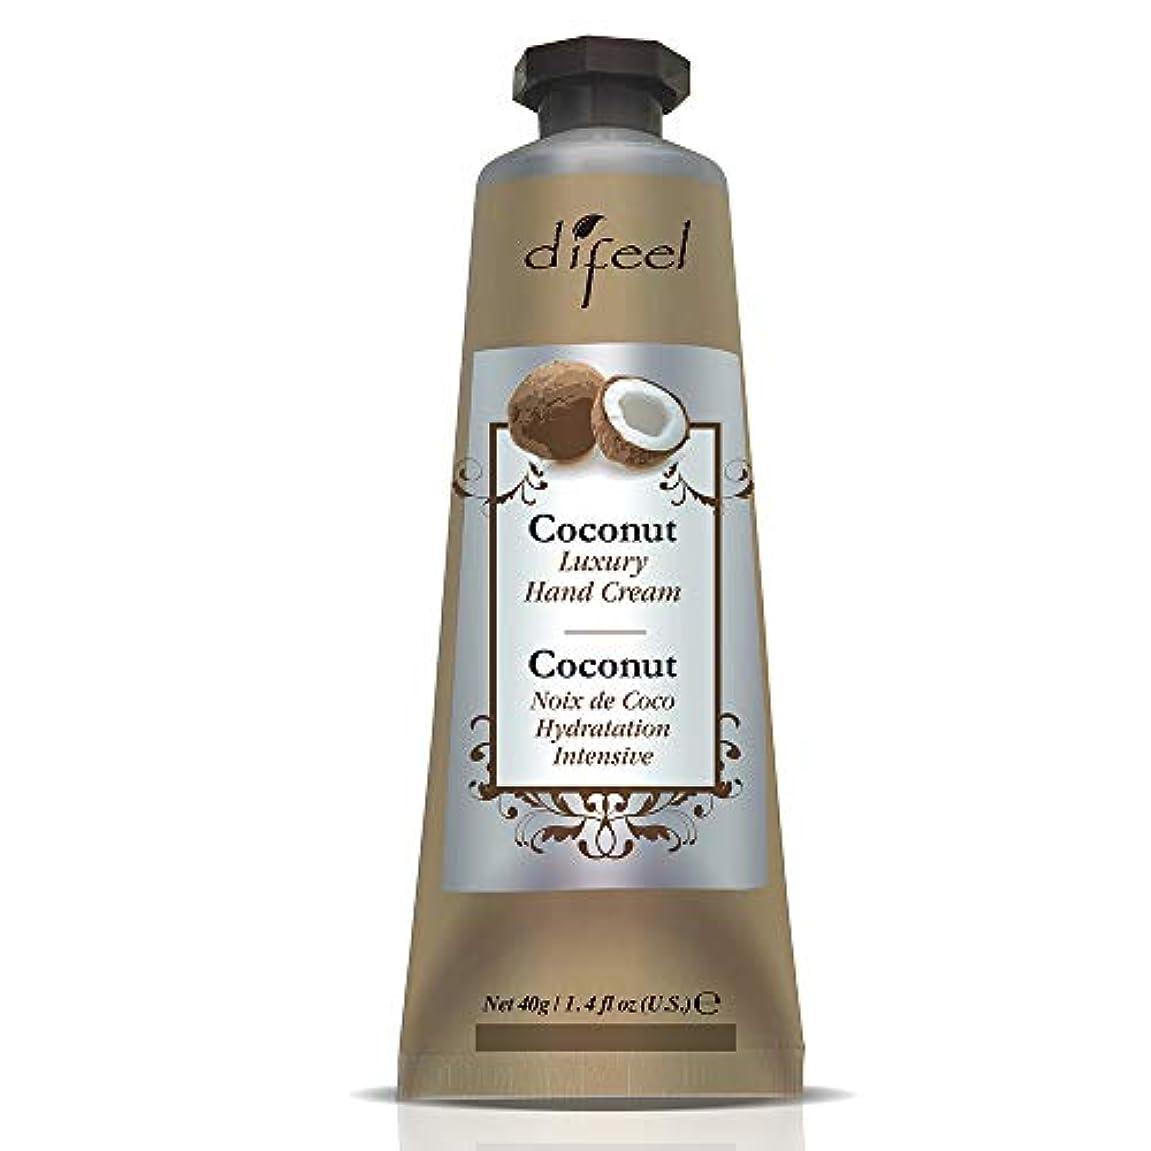 差し控える酸度スチュワードDifeel(ディフィール) ココナッツ ナチュラル ハンドクリーム 40g COCONUT 11COC New York 【正規輸入品】